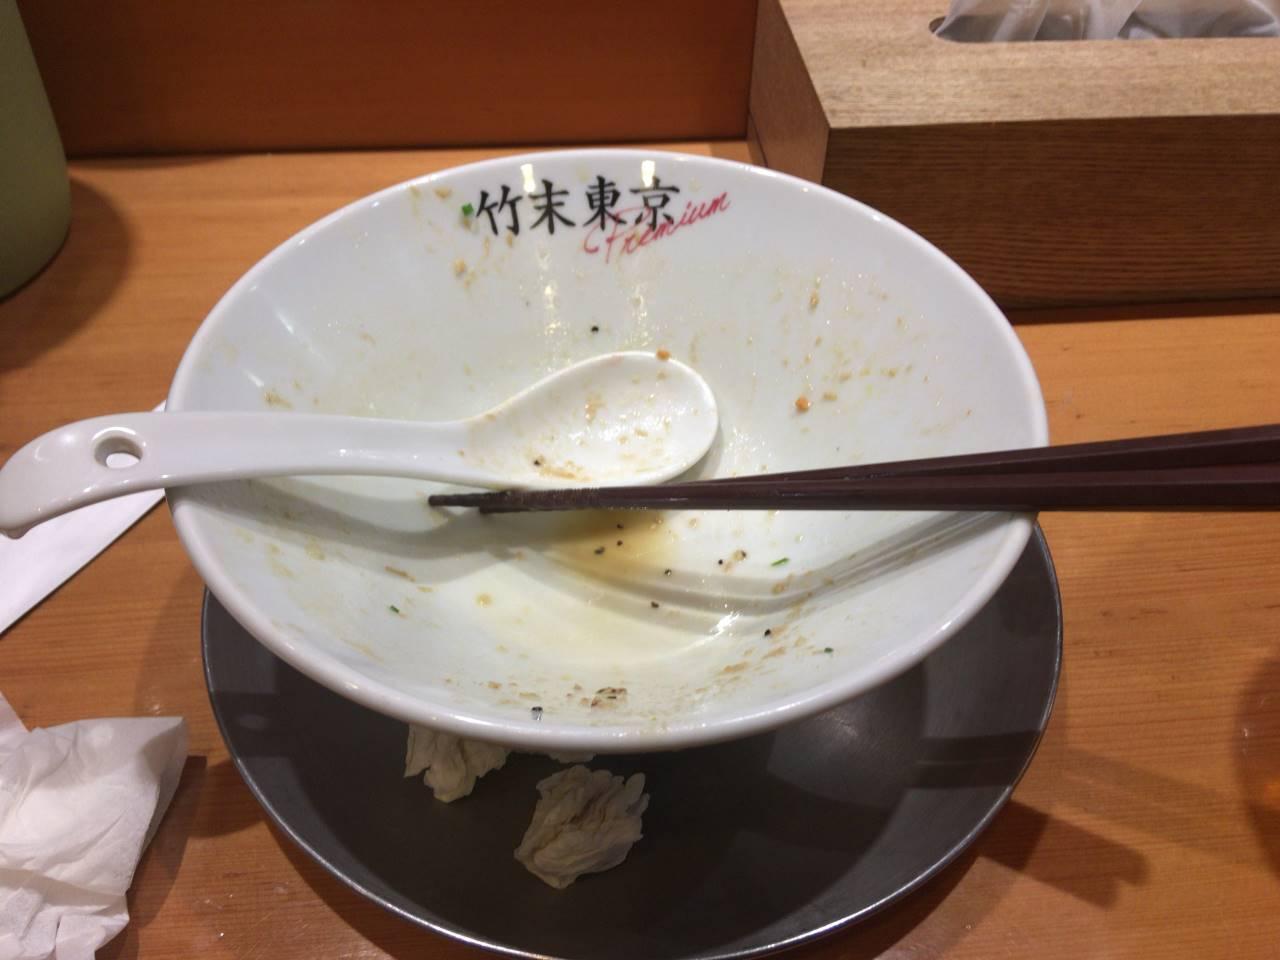 食べ終えた丼:竹末東京プレミアムで鶏ホタテそば+味玉+α